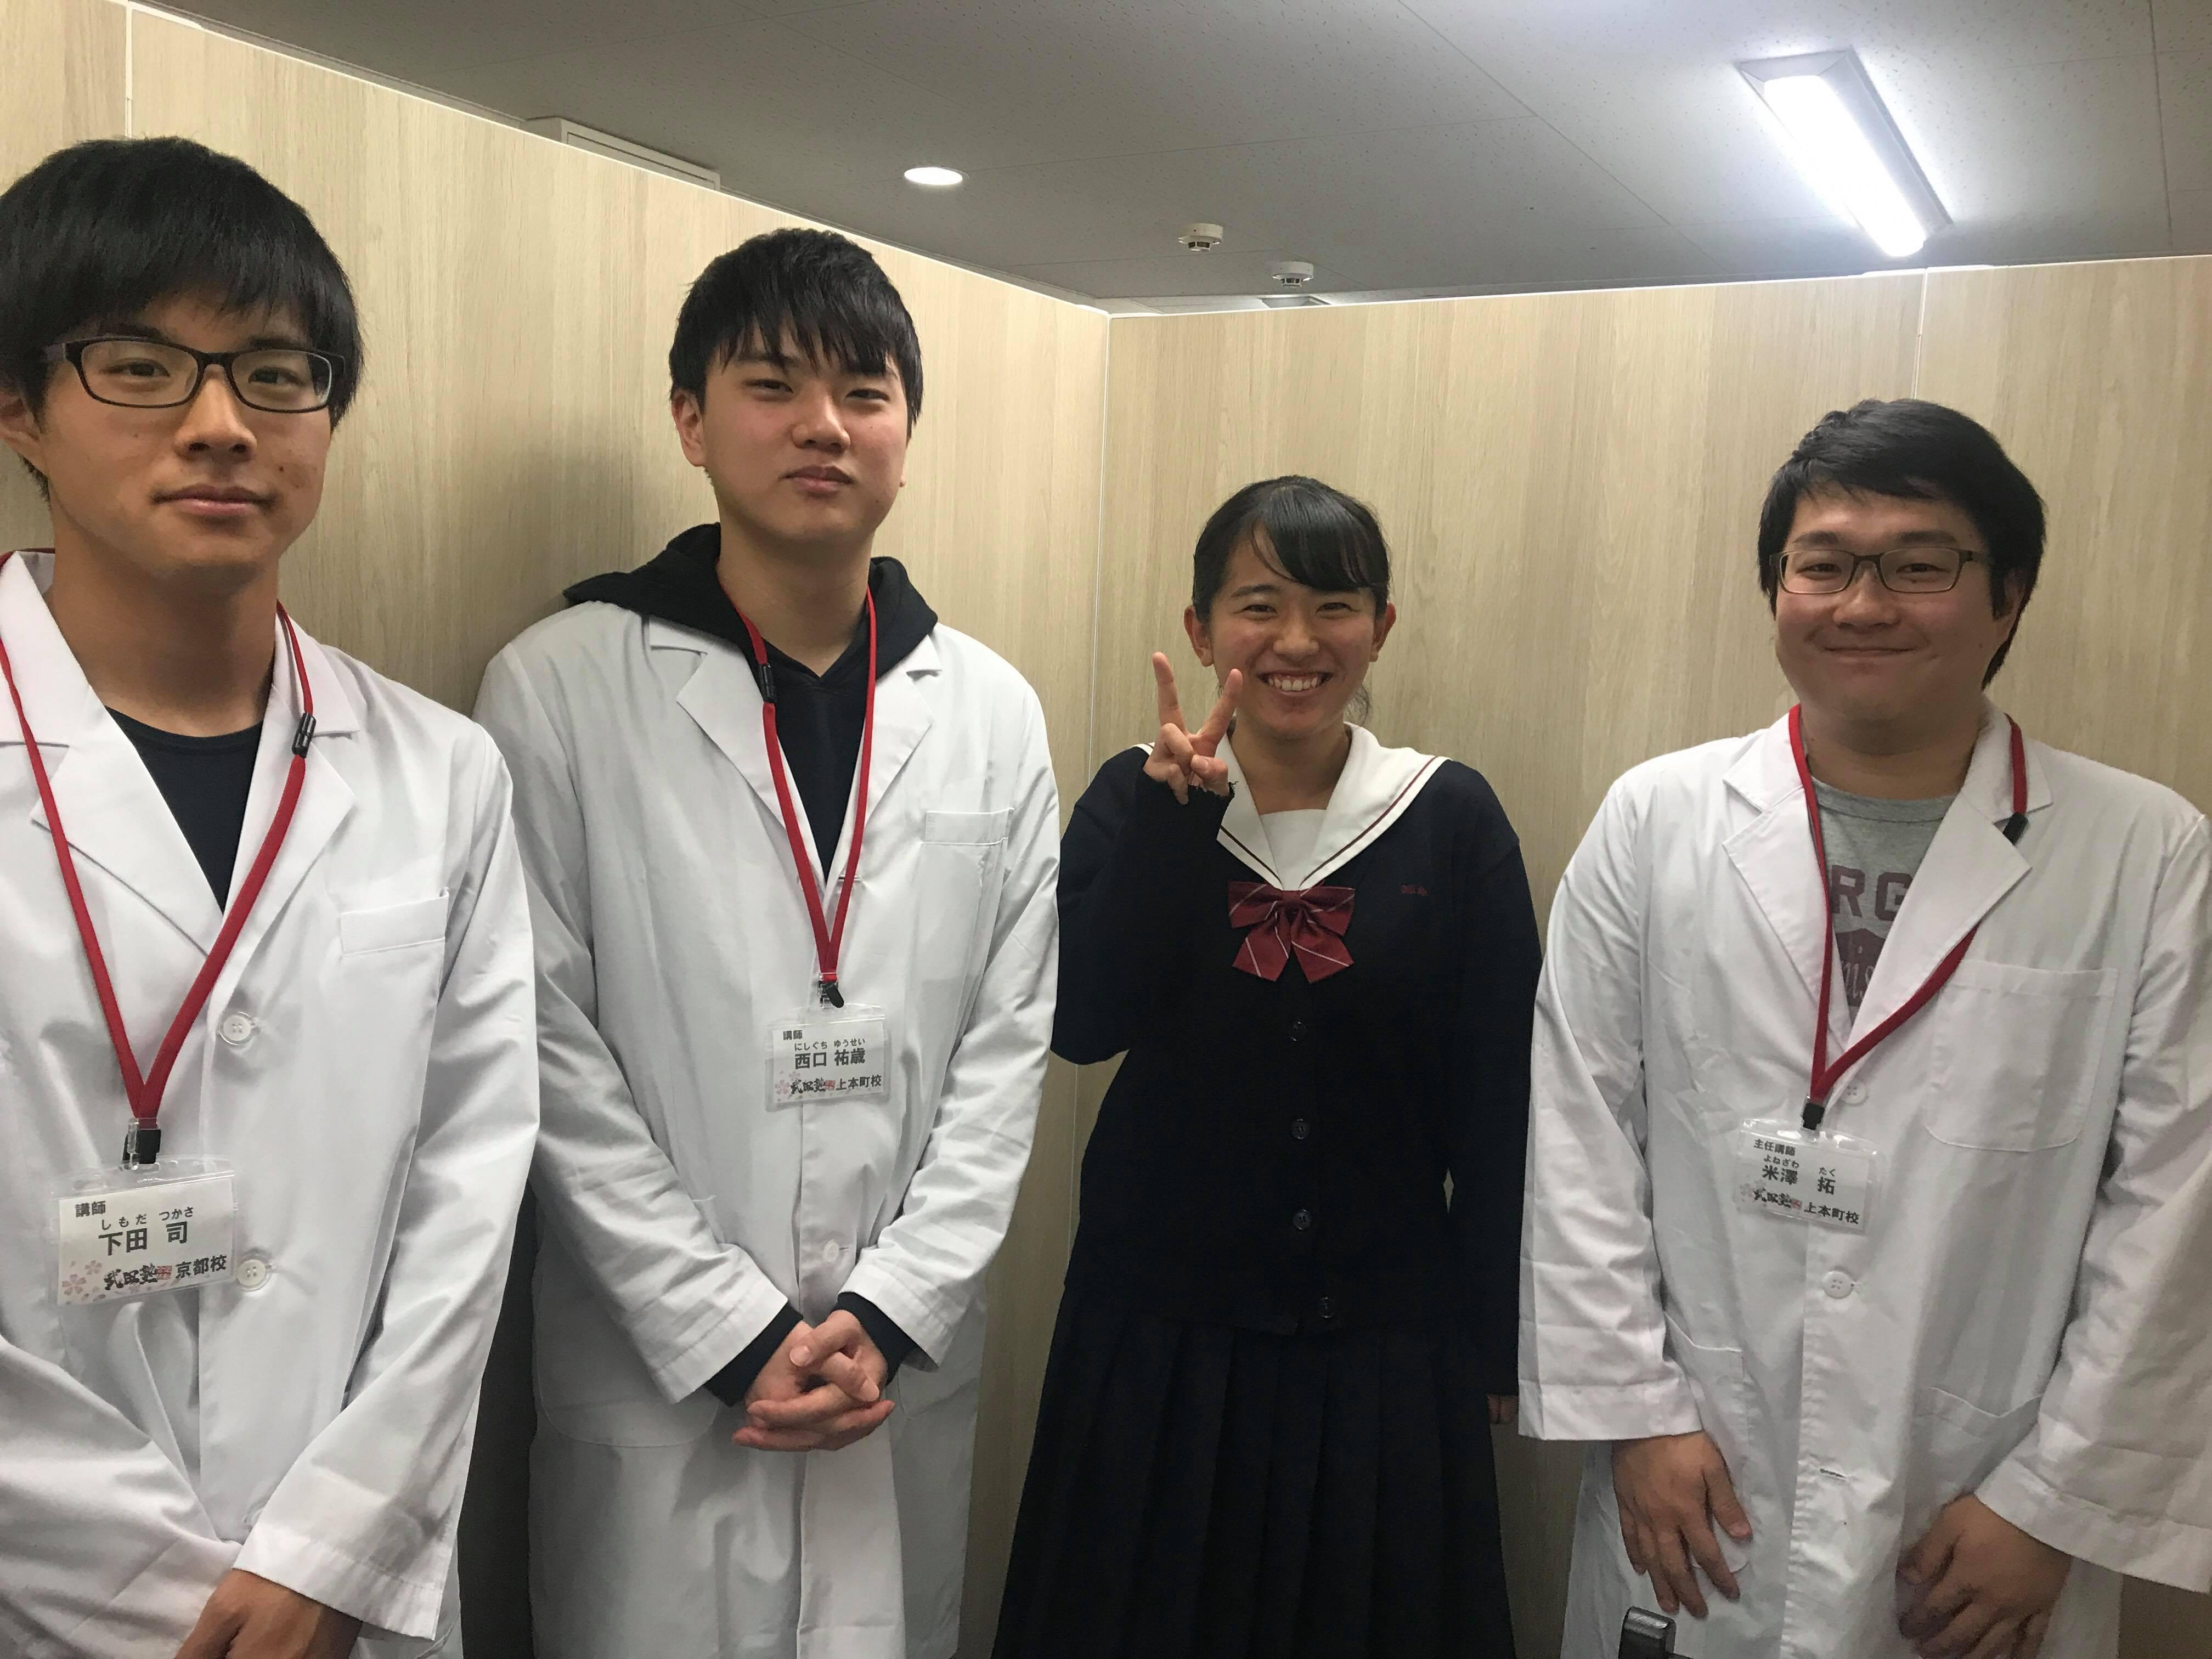 近畿大学経営学部に公募推薦入試で合格したN.Oさんと担当講師の写真